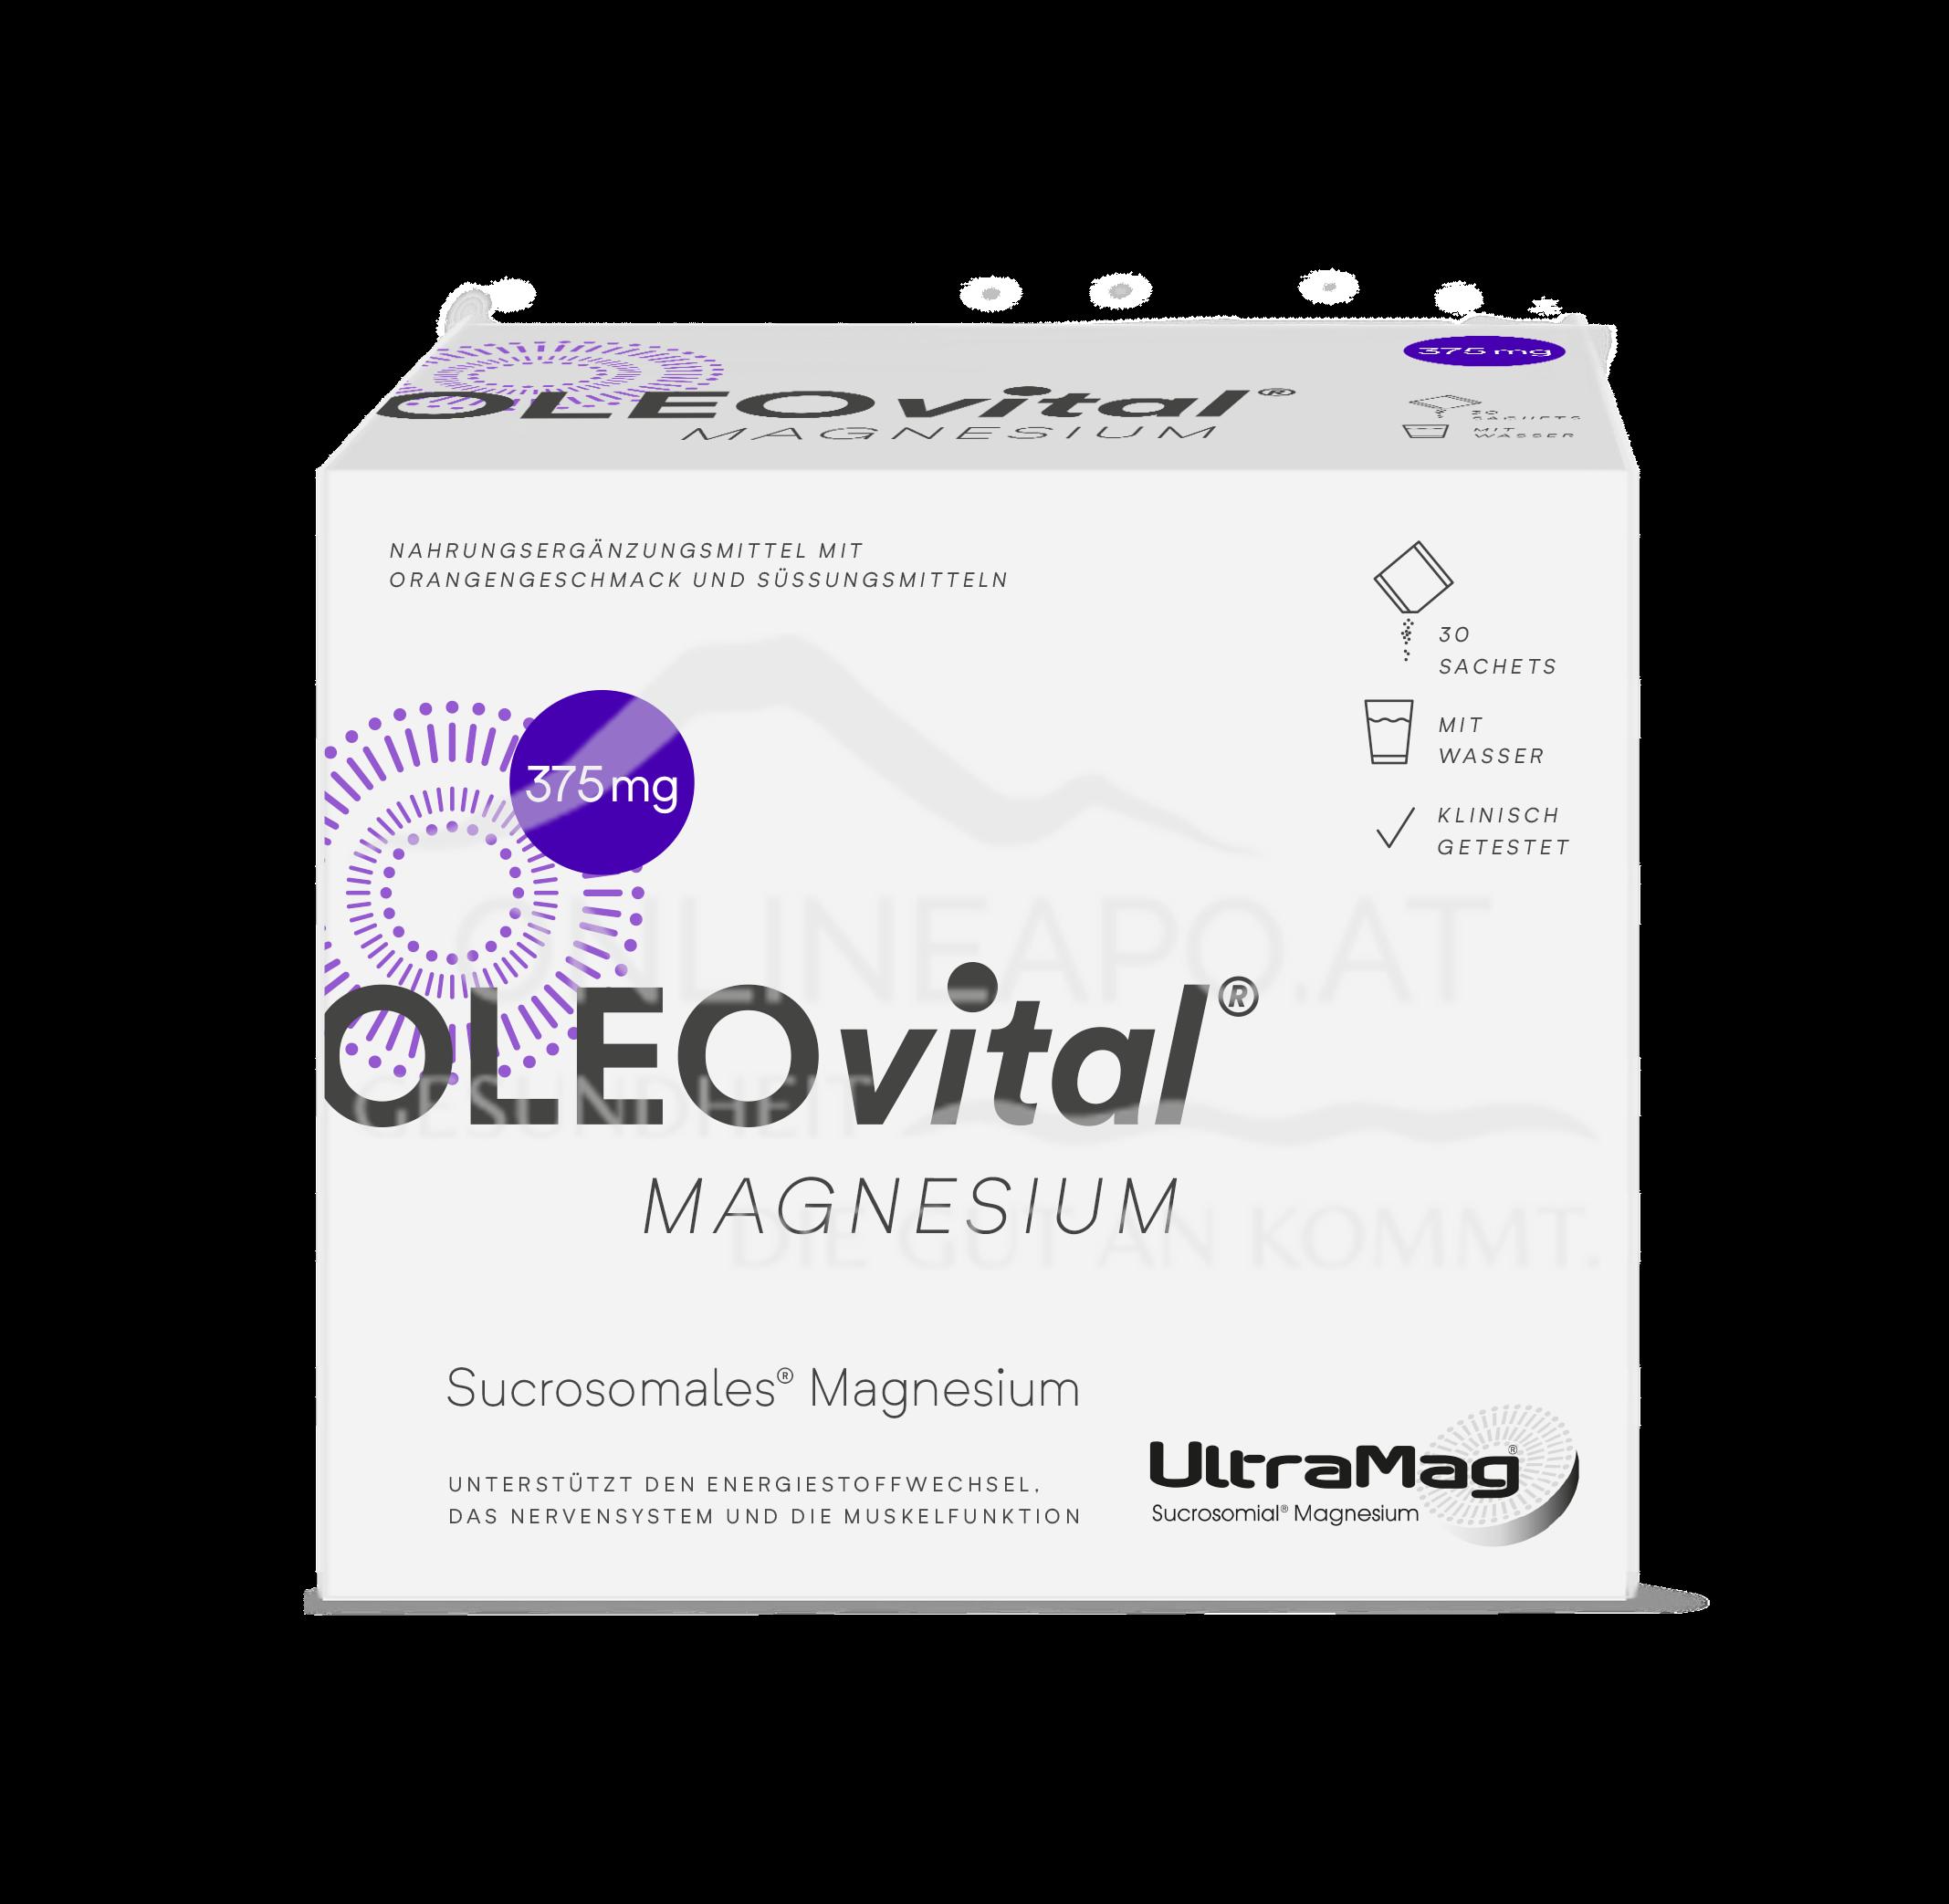 OLEOvital® MAGNESIUM  (375 mg) Sachets